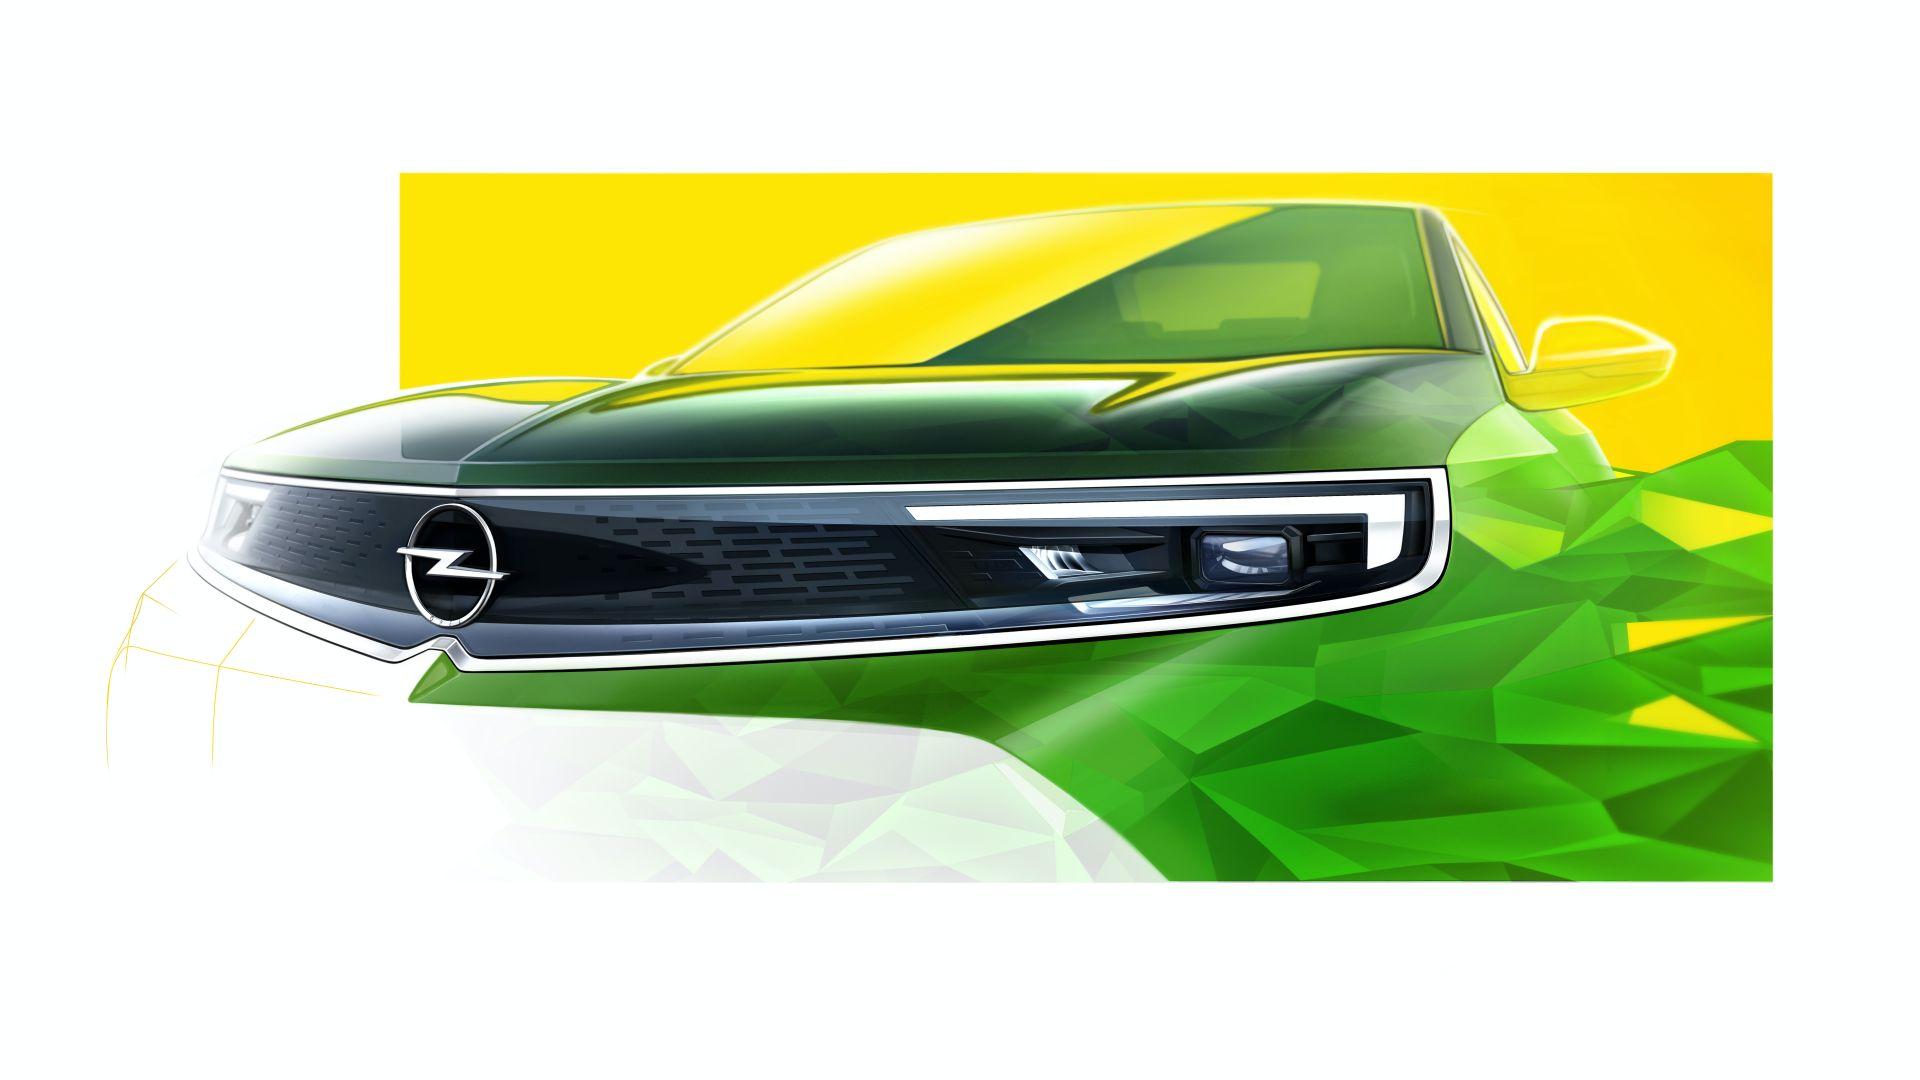 2021-Opel-Mokka-teaser